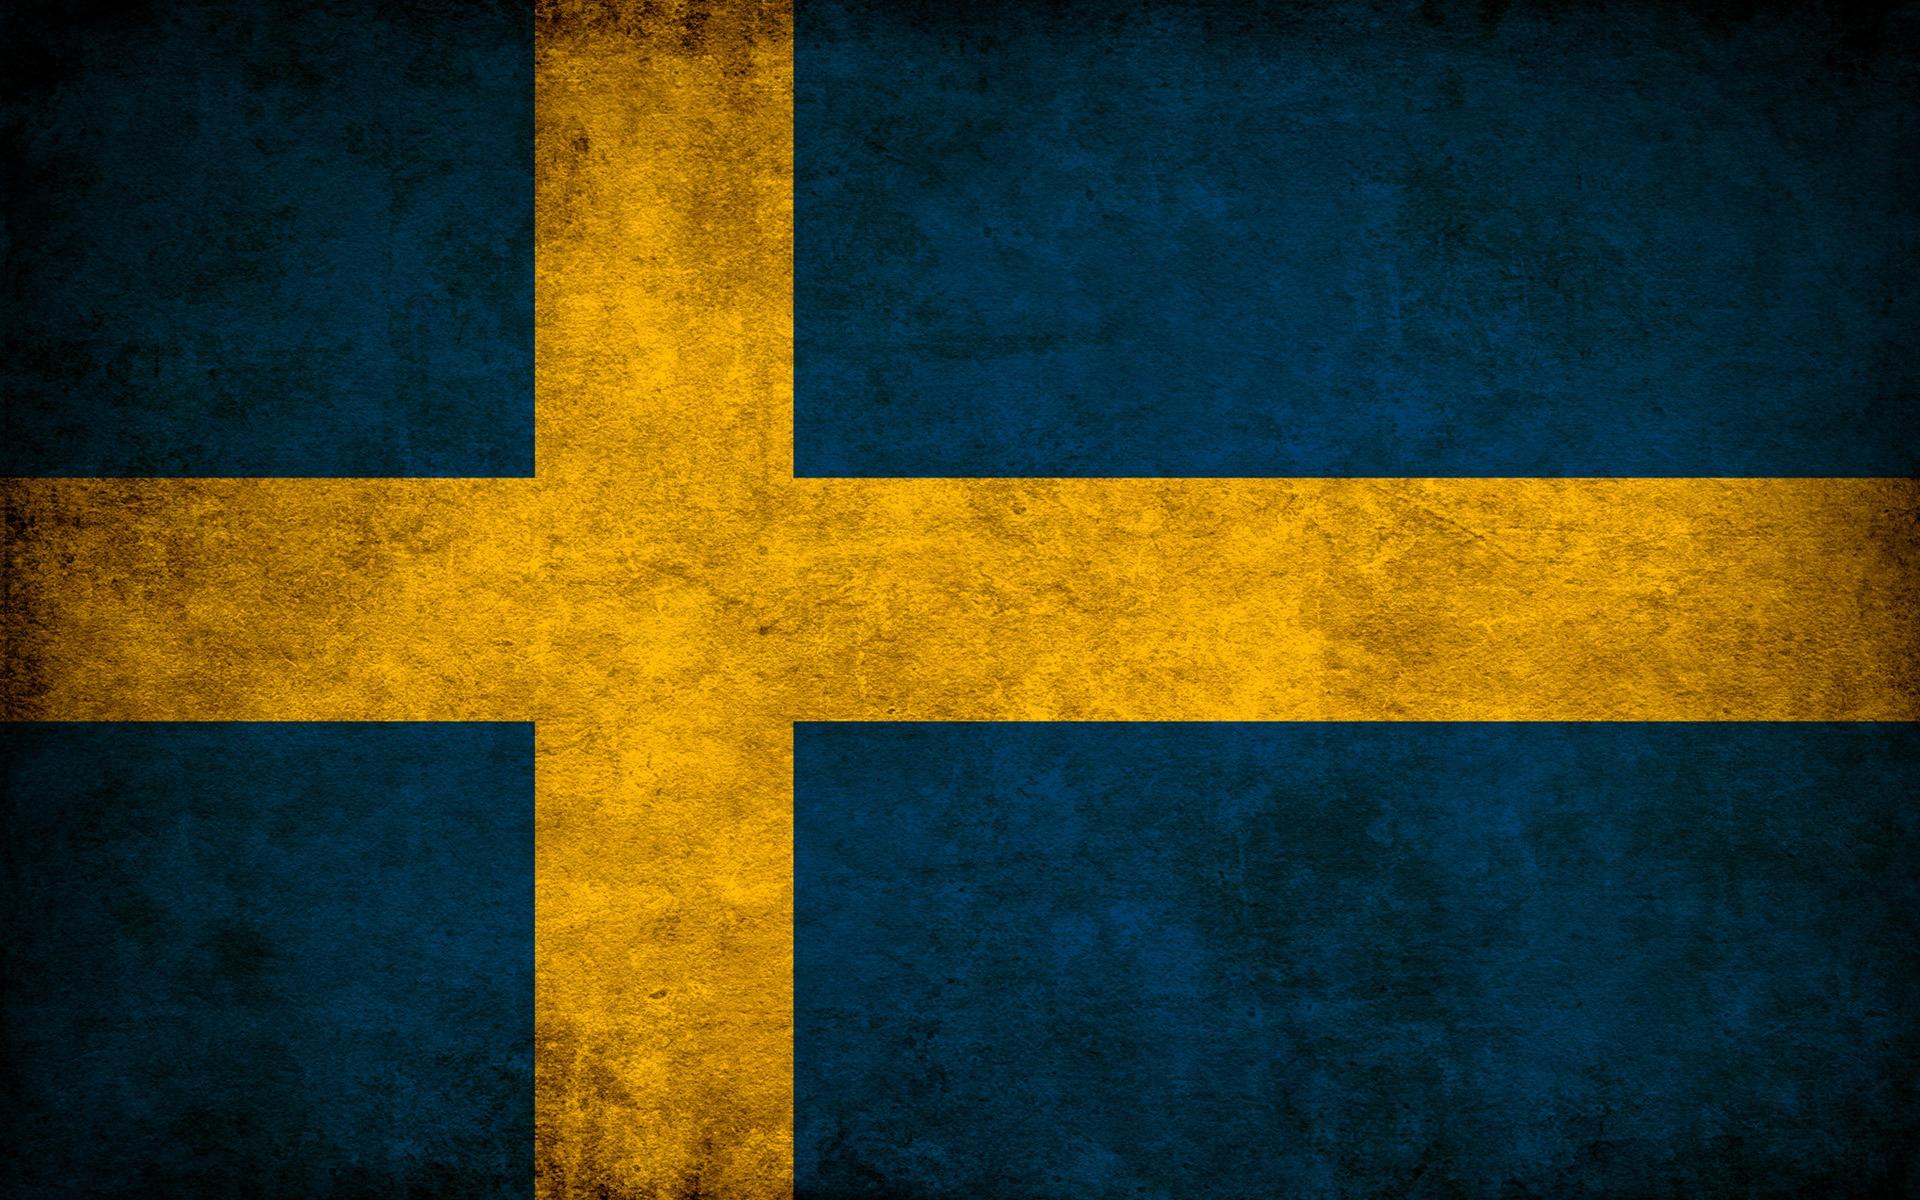 Swedish Flag Wallpaper Sweden World Wallpapers in jpg format for ...